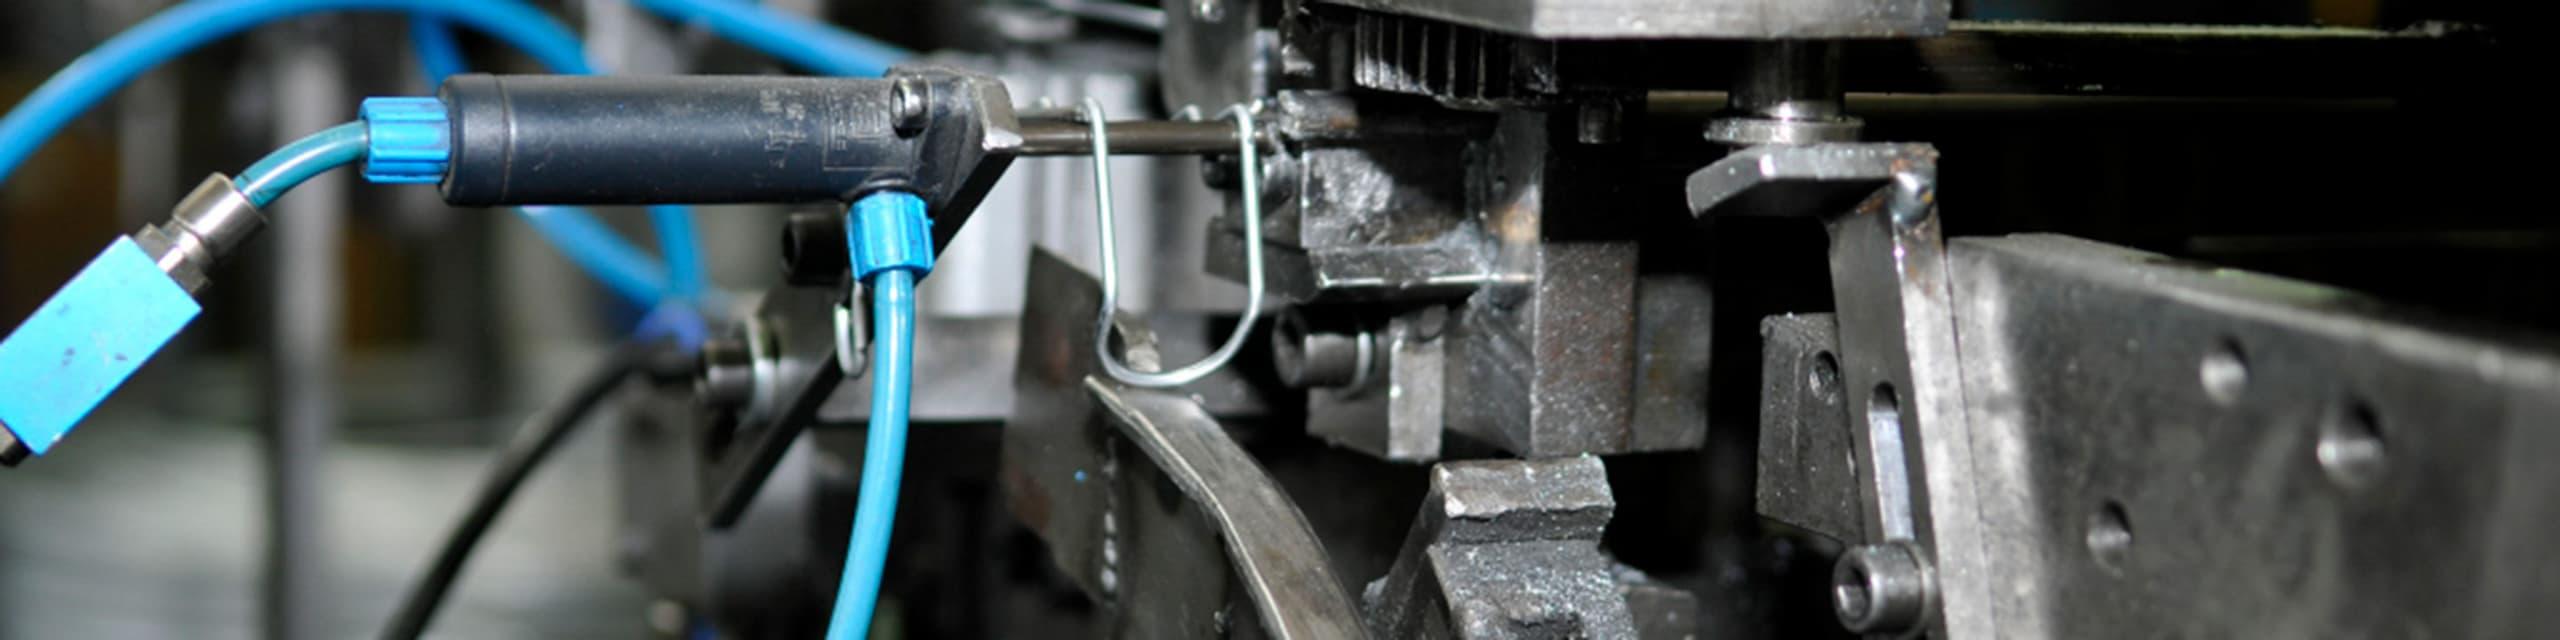 Spezialangefertige Drahtbiegemaschine zur Herstellung von Drahtbiegeteilen für Automotive